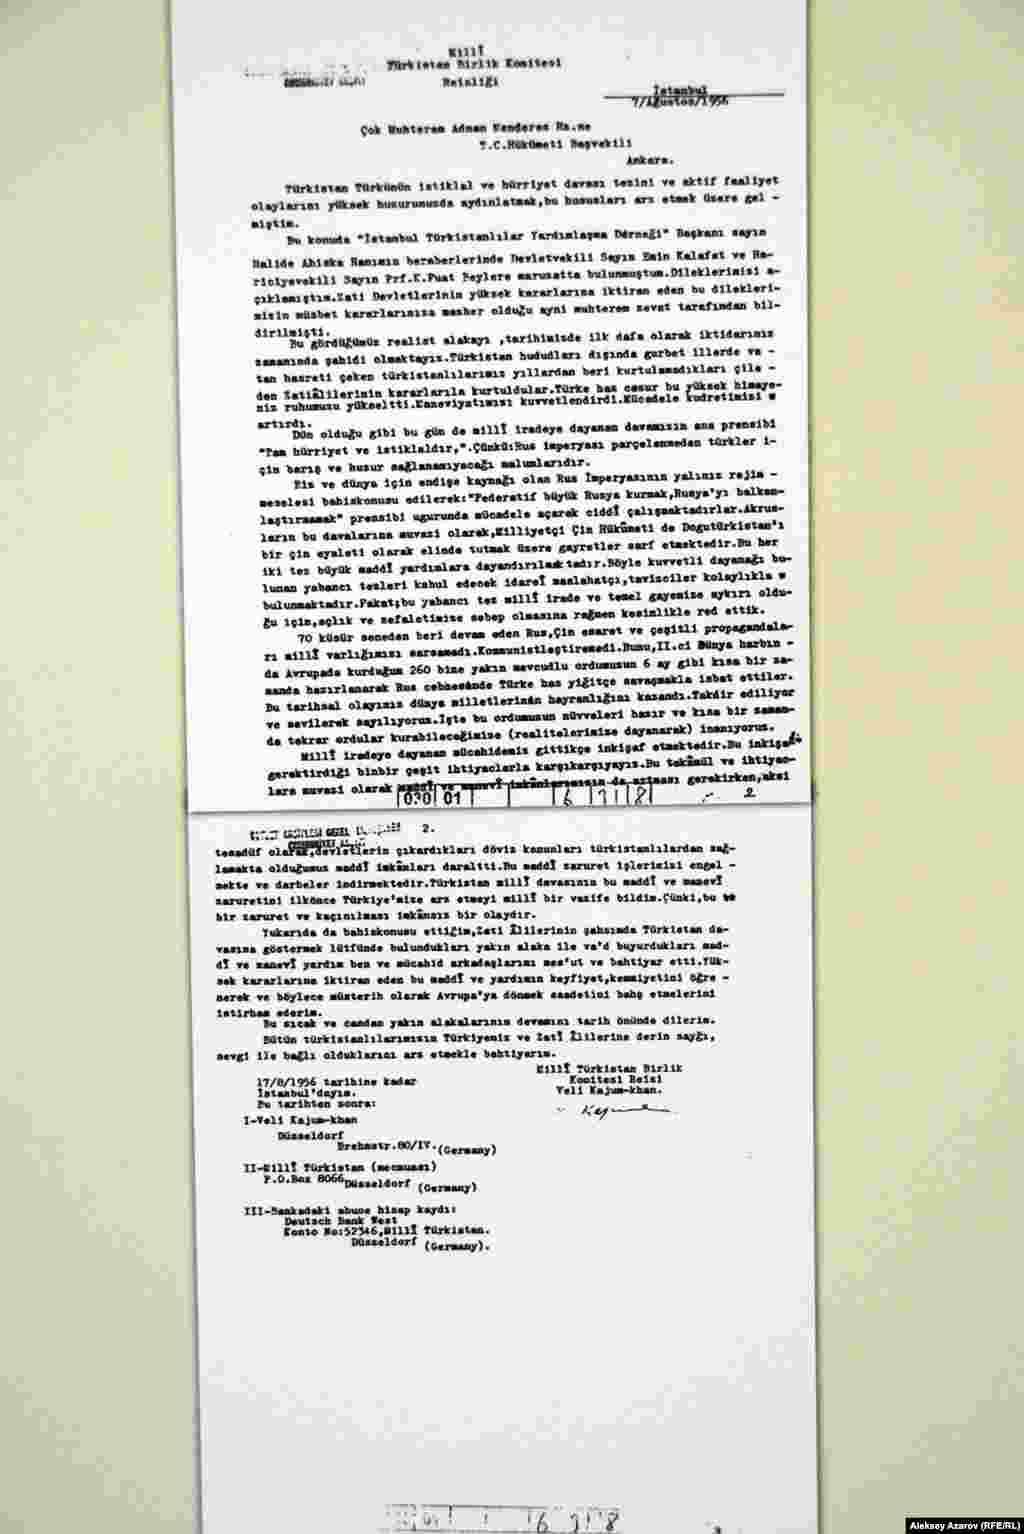 7 августа 1956 года основатель Национального комитета объединения Туркестана, один из организаторов Туркестанского легиона Вели Каюм-хан написал письмо премьер-министру Турции Аднану Мендересу, в котором рассказал о политических проблемах Туркестана. На фото копия этого письма.